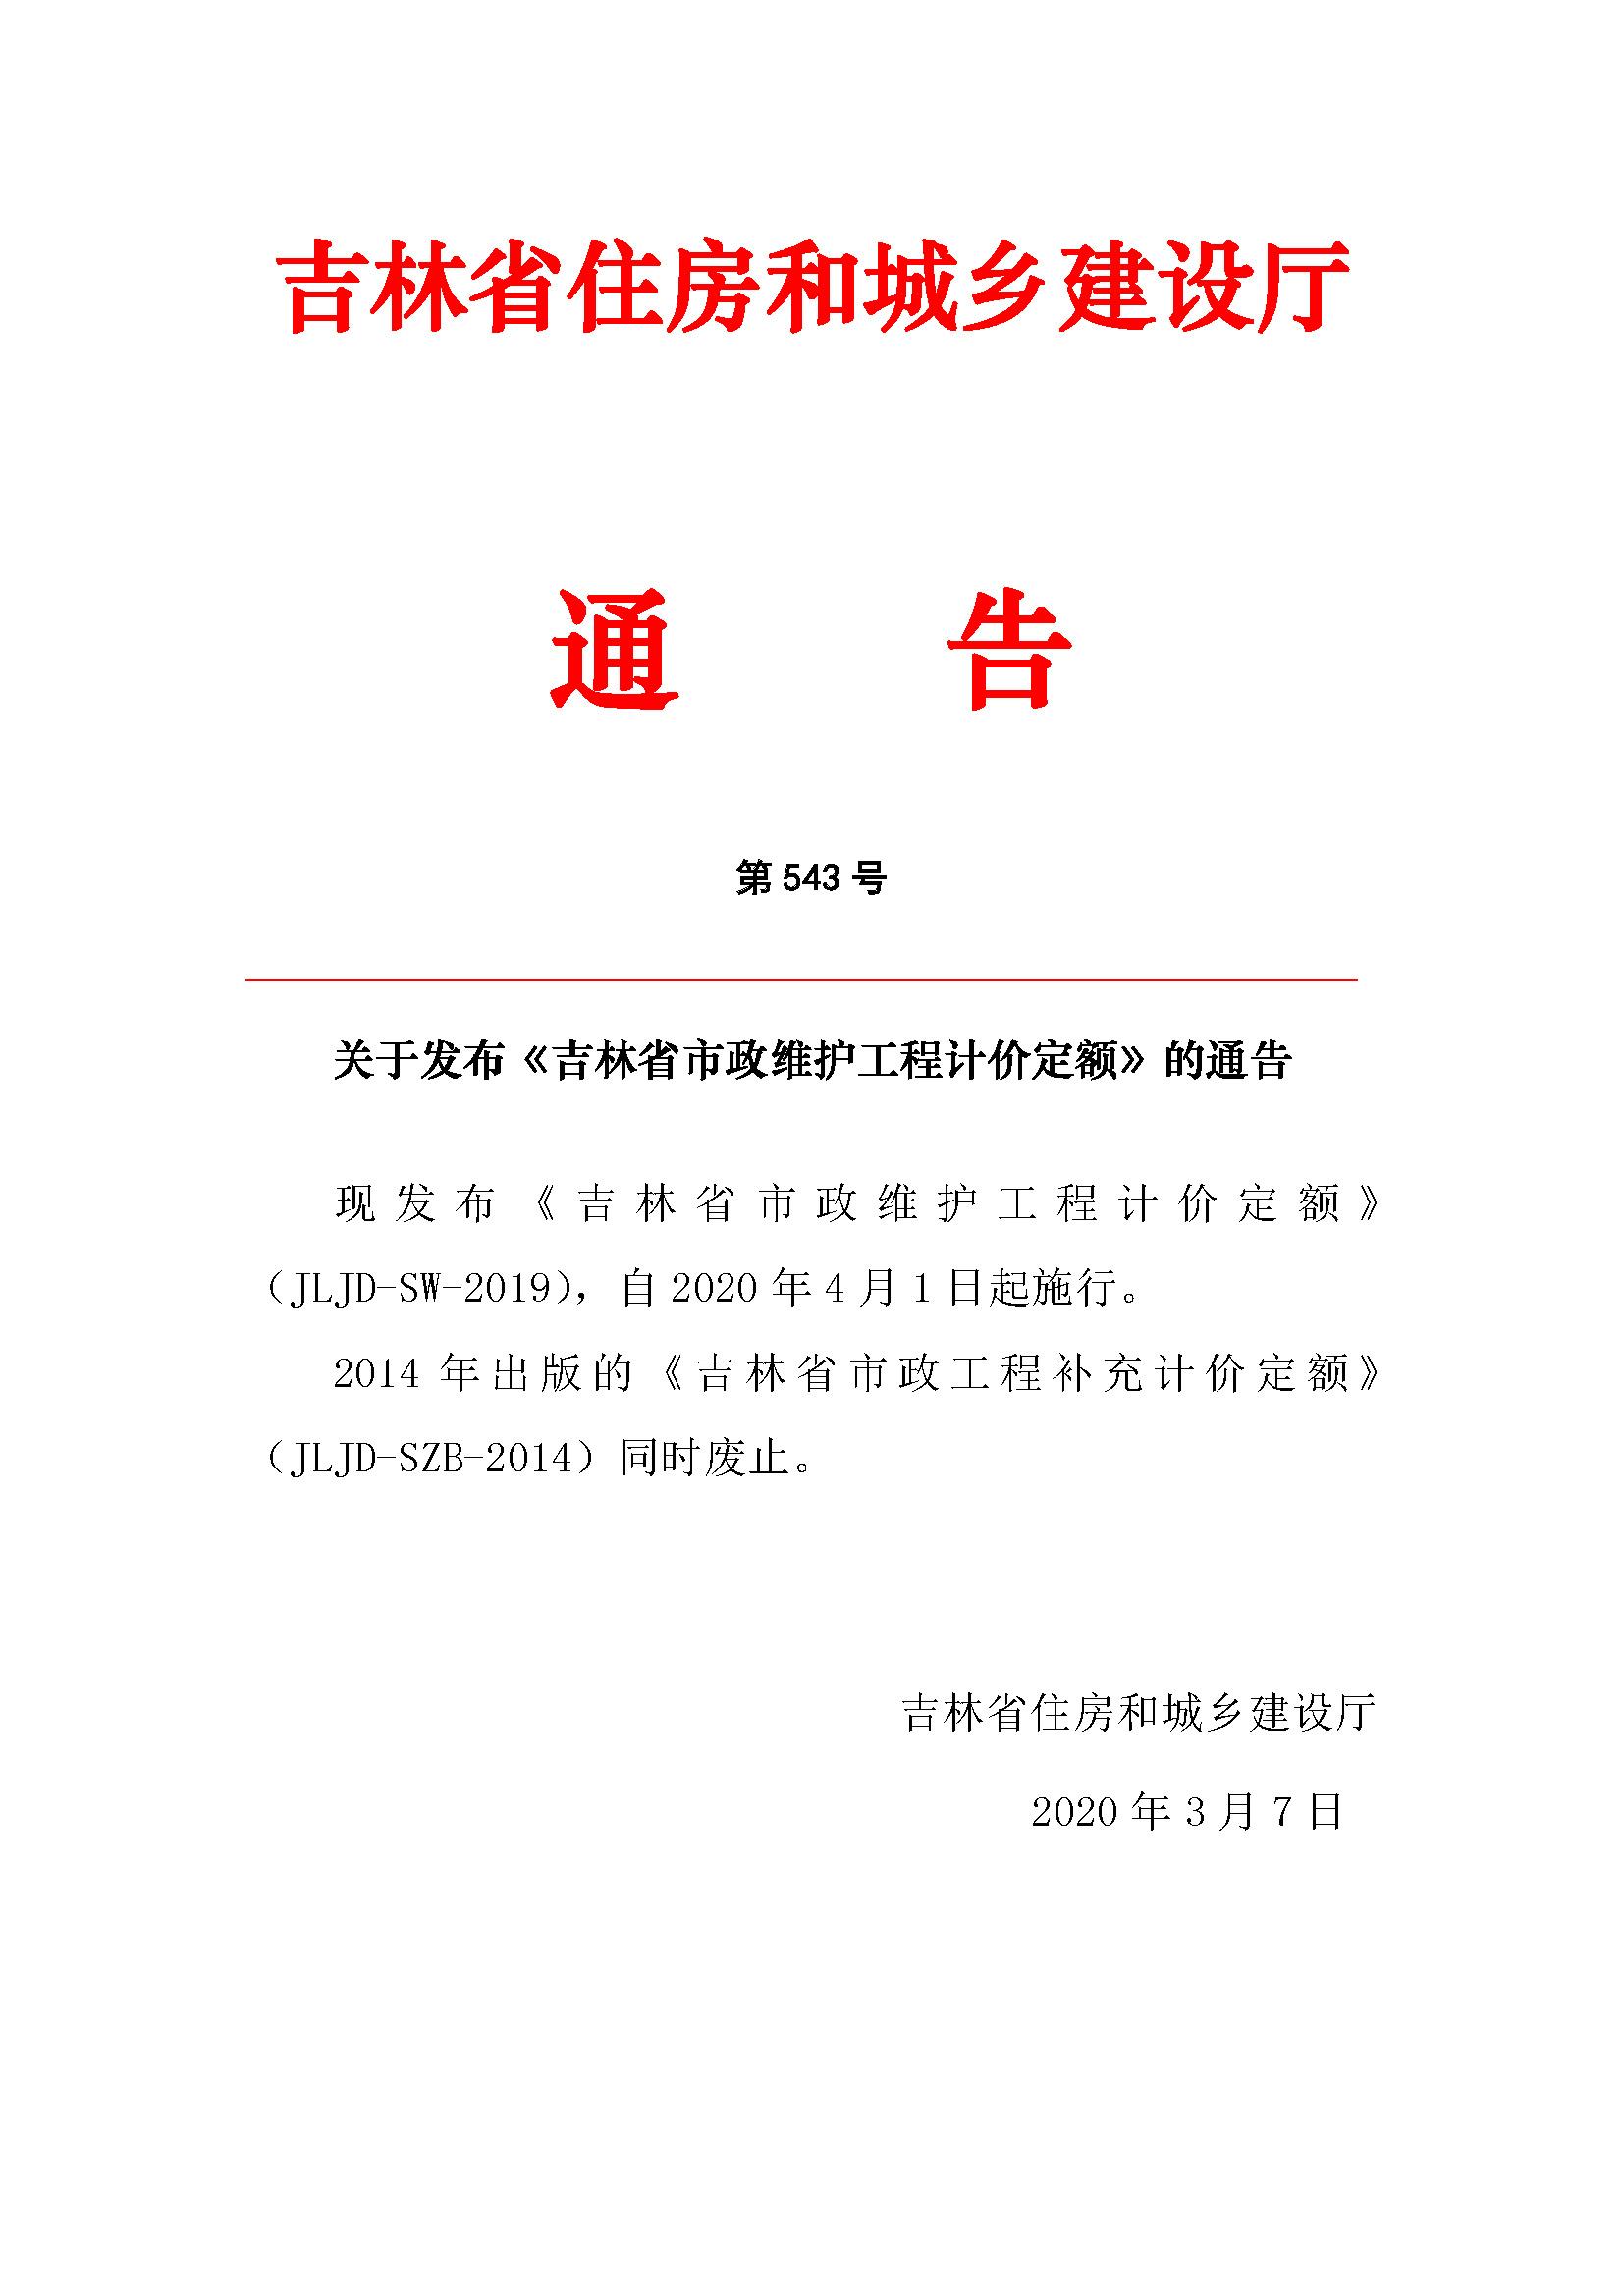 关于发布《吉林省市政维护工程计价定额》的通告